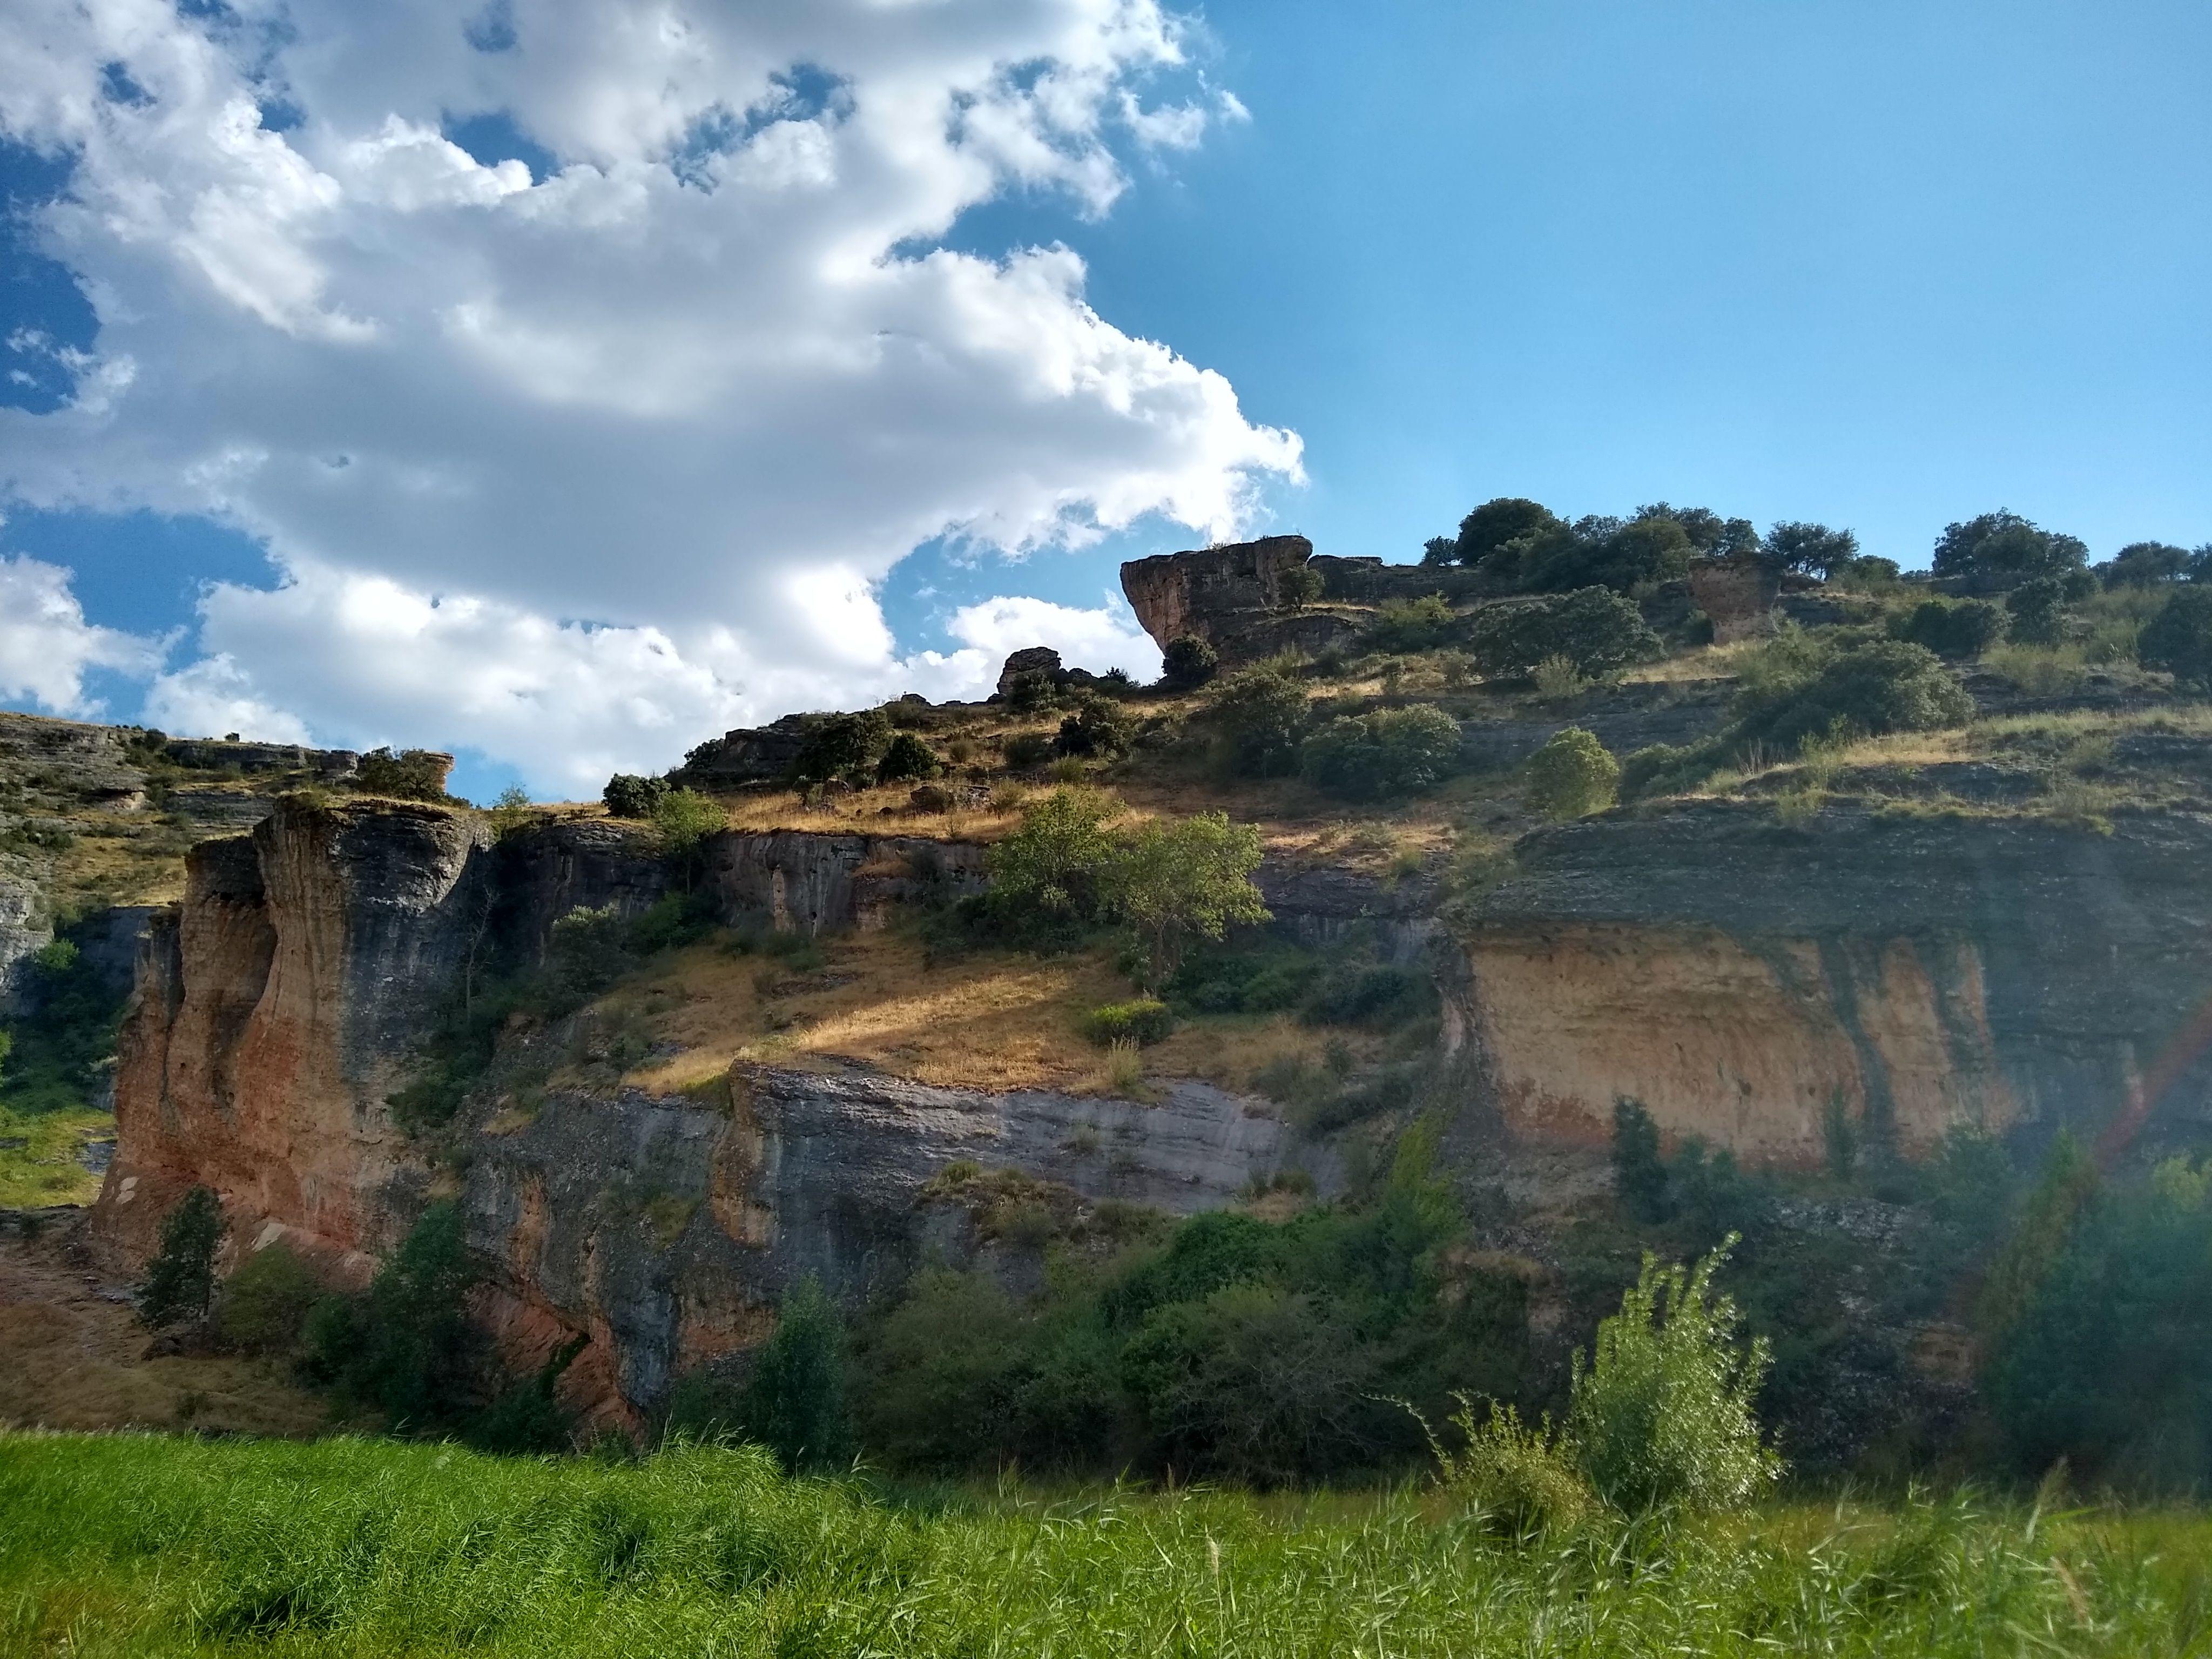 Vemos ante nosotros una pared de roca caliza de tonos anaranjados con coladas de tonos oscuros producidos por arrastre de materiales por la lluvia